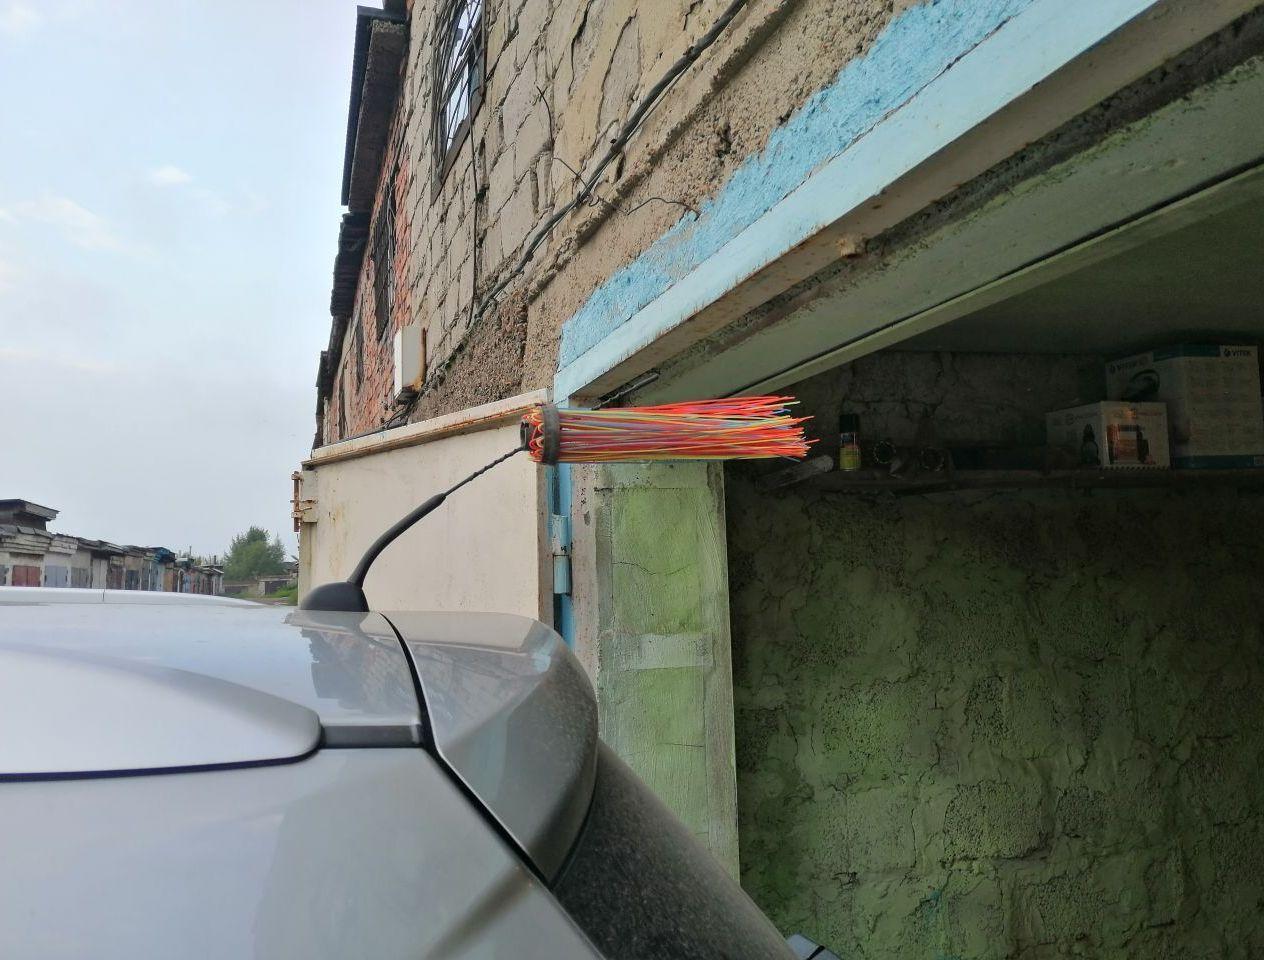 А так приходится заезжать в гараж, что б не скоблить антенной. Уже раз катался с этим веником по городу))